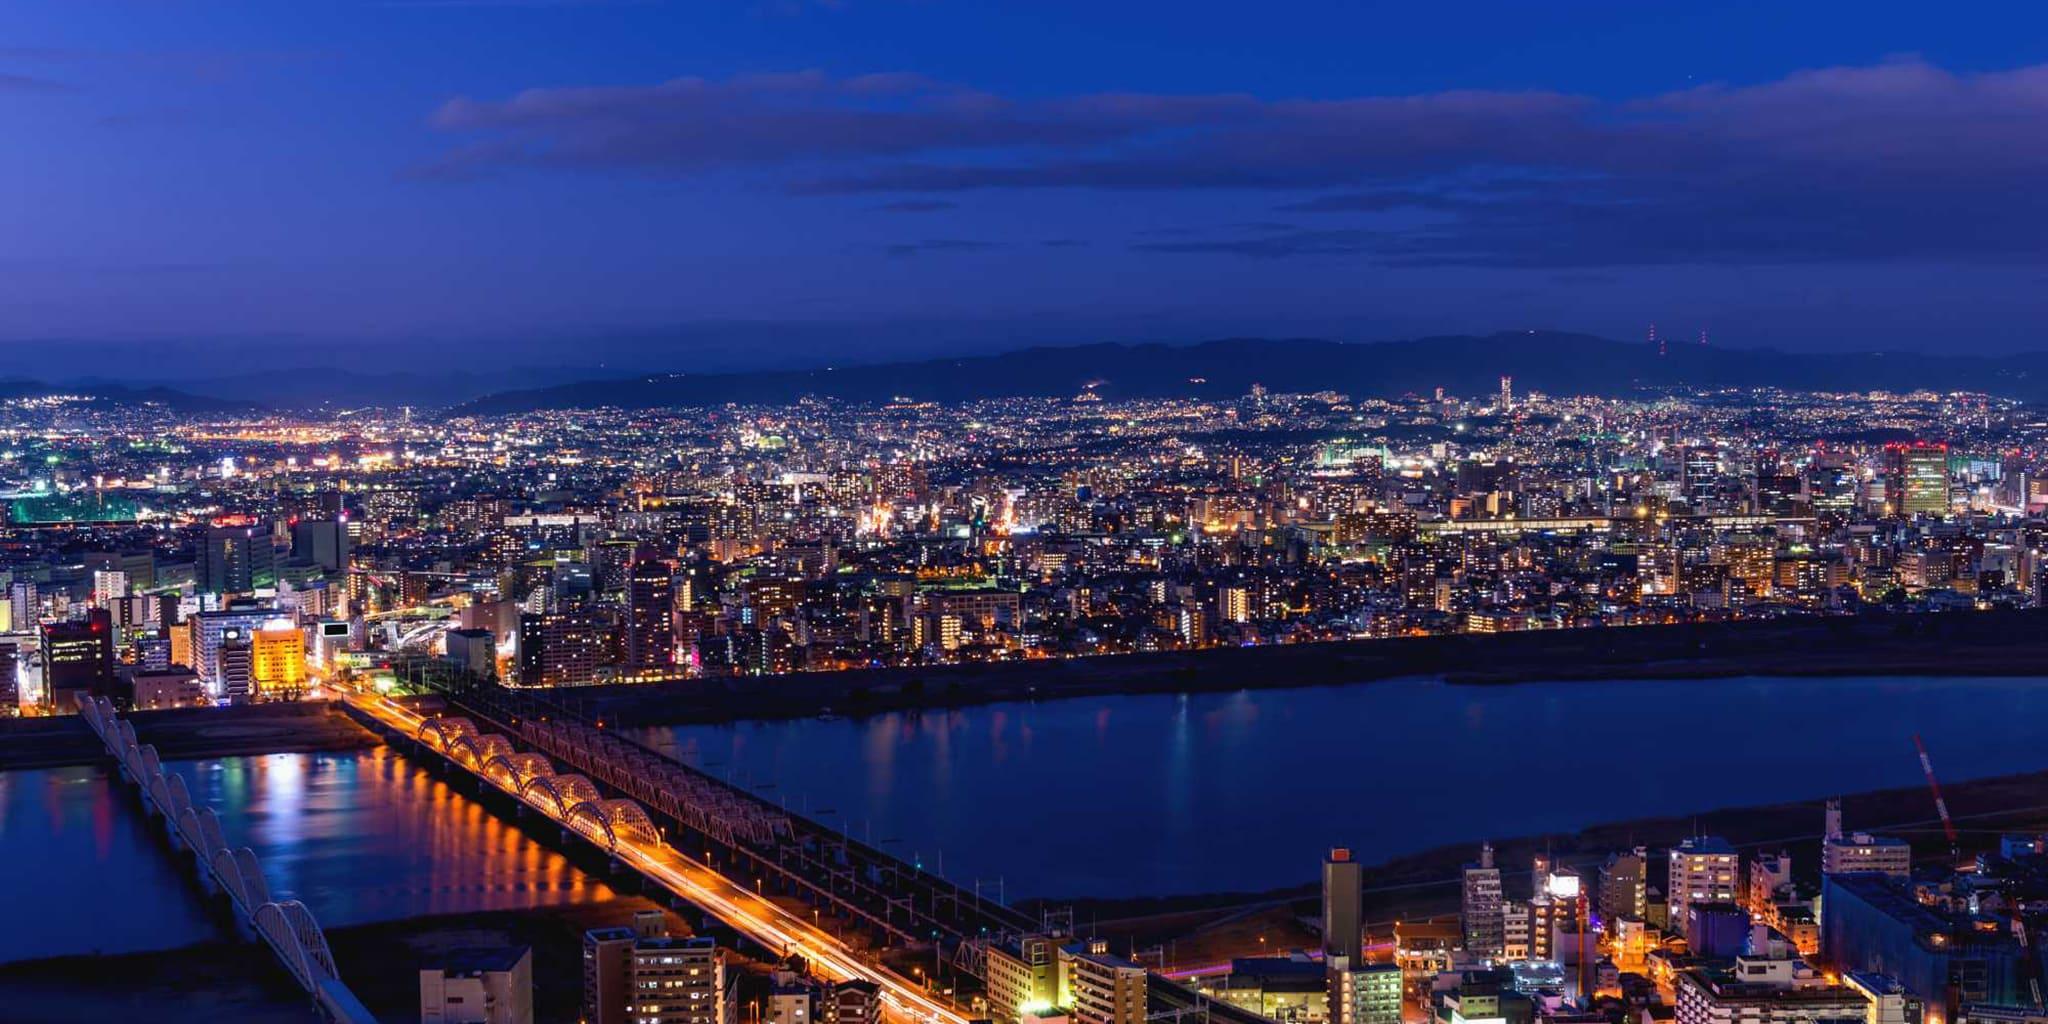 ヘリコプターで大阪上空から見る大阪市内の景色